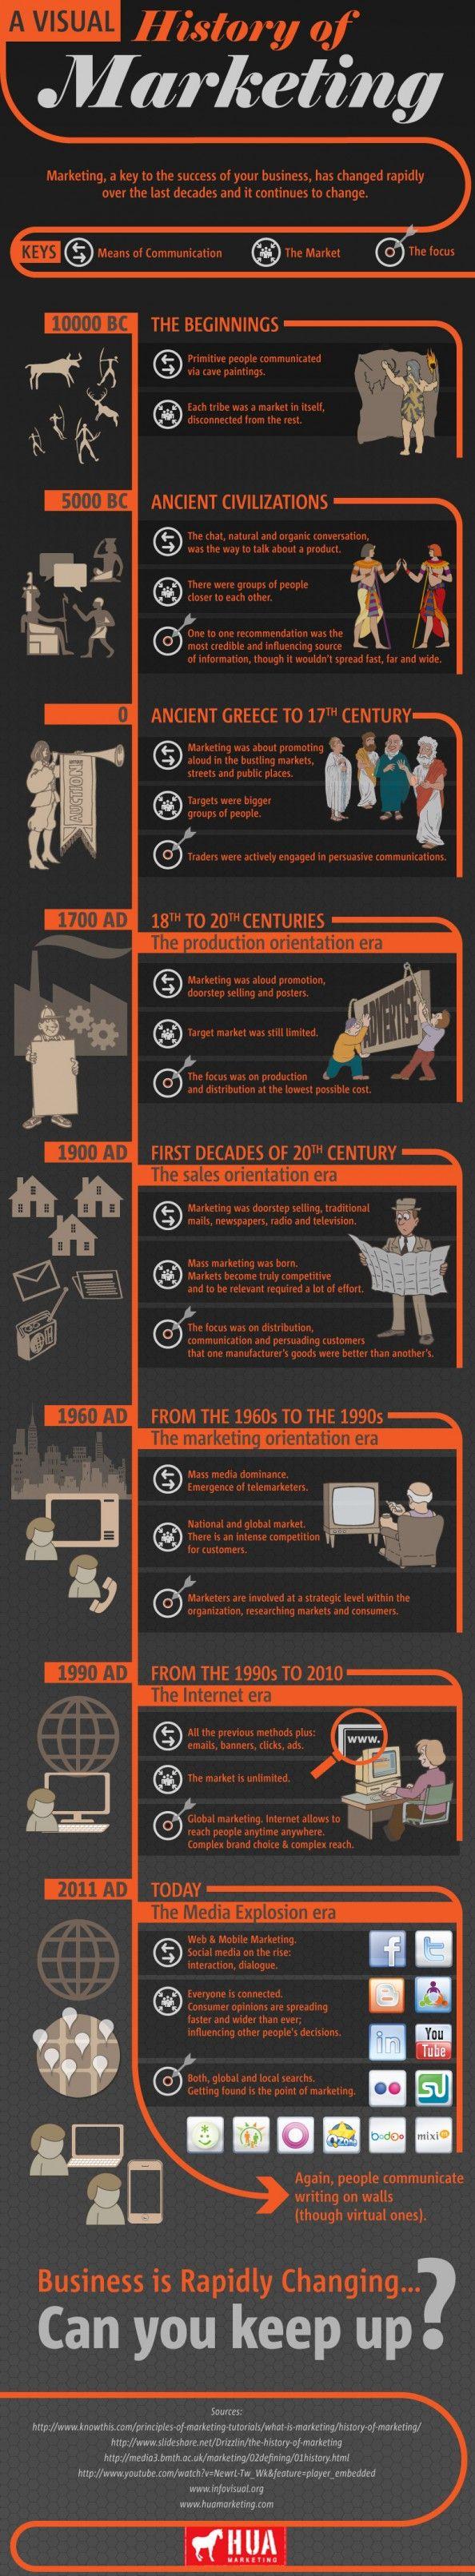 De las mejores infografías sobre la historia del Marketing. Desde la prehistoria hasta el Social Media